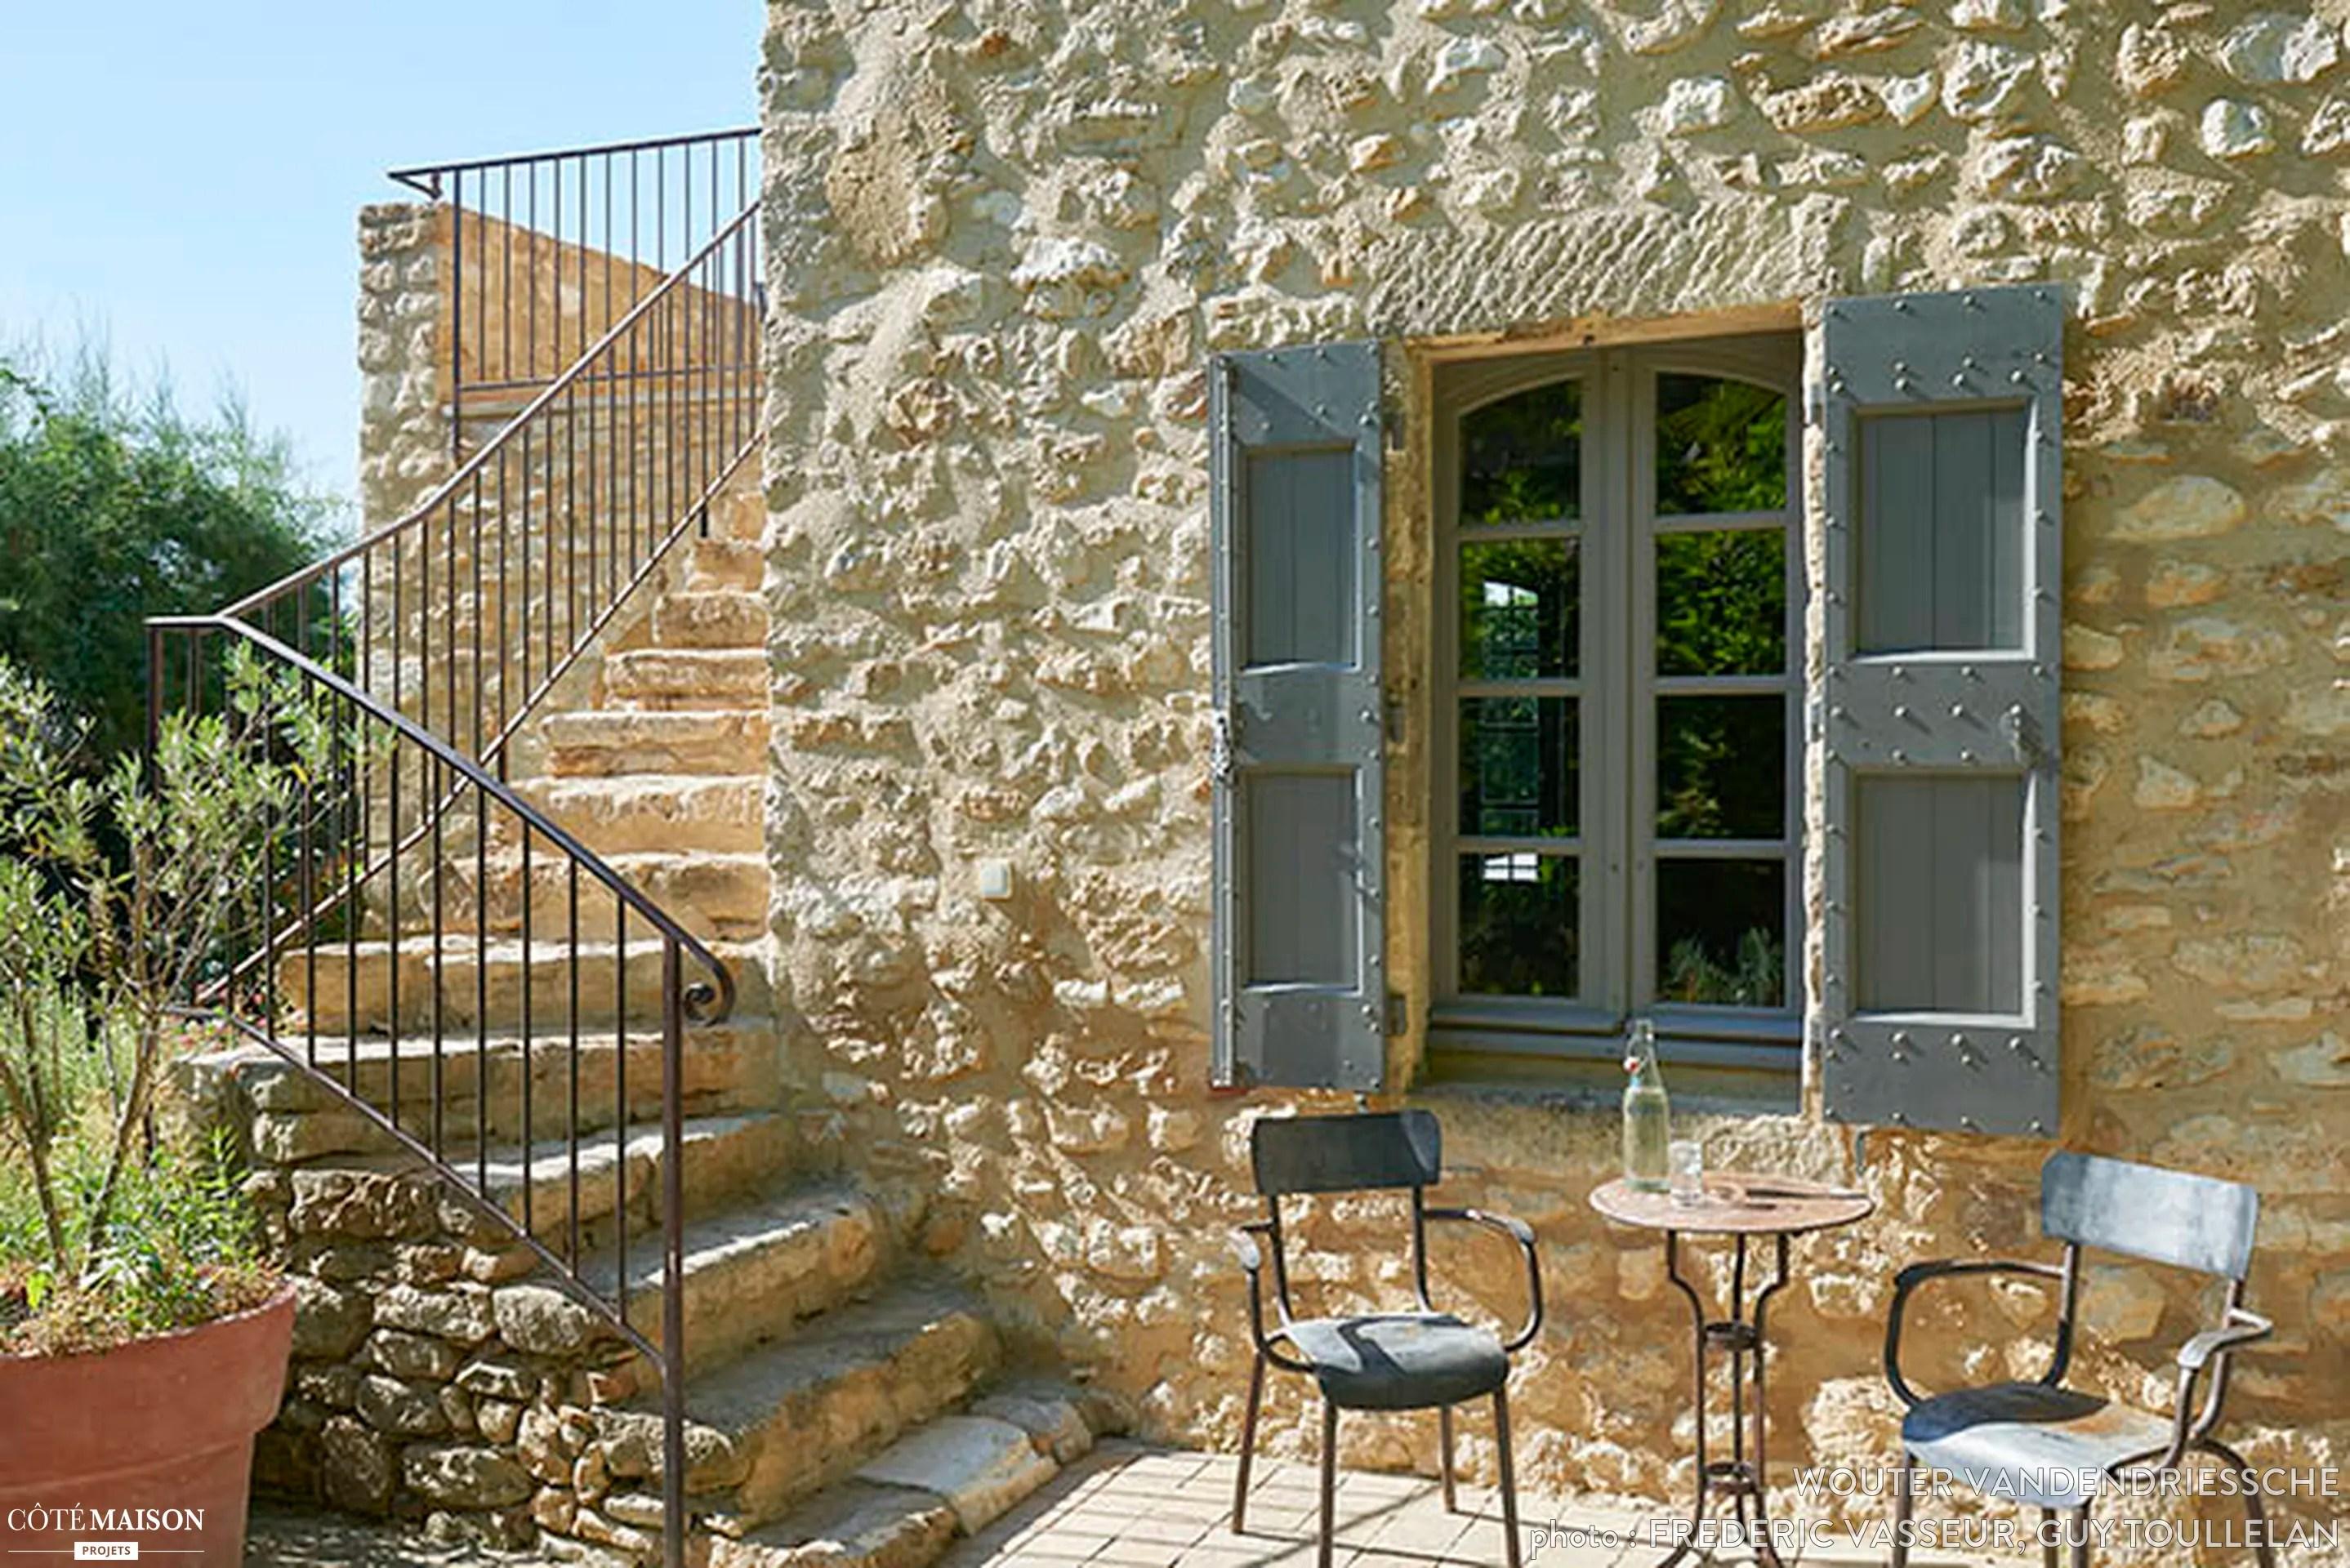 La Maison DUlysse Maison Dhtes Dans Le Gard Wouter